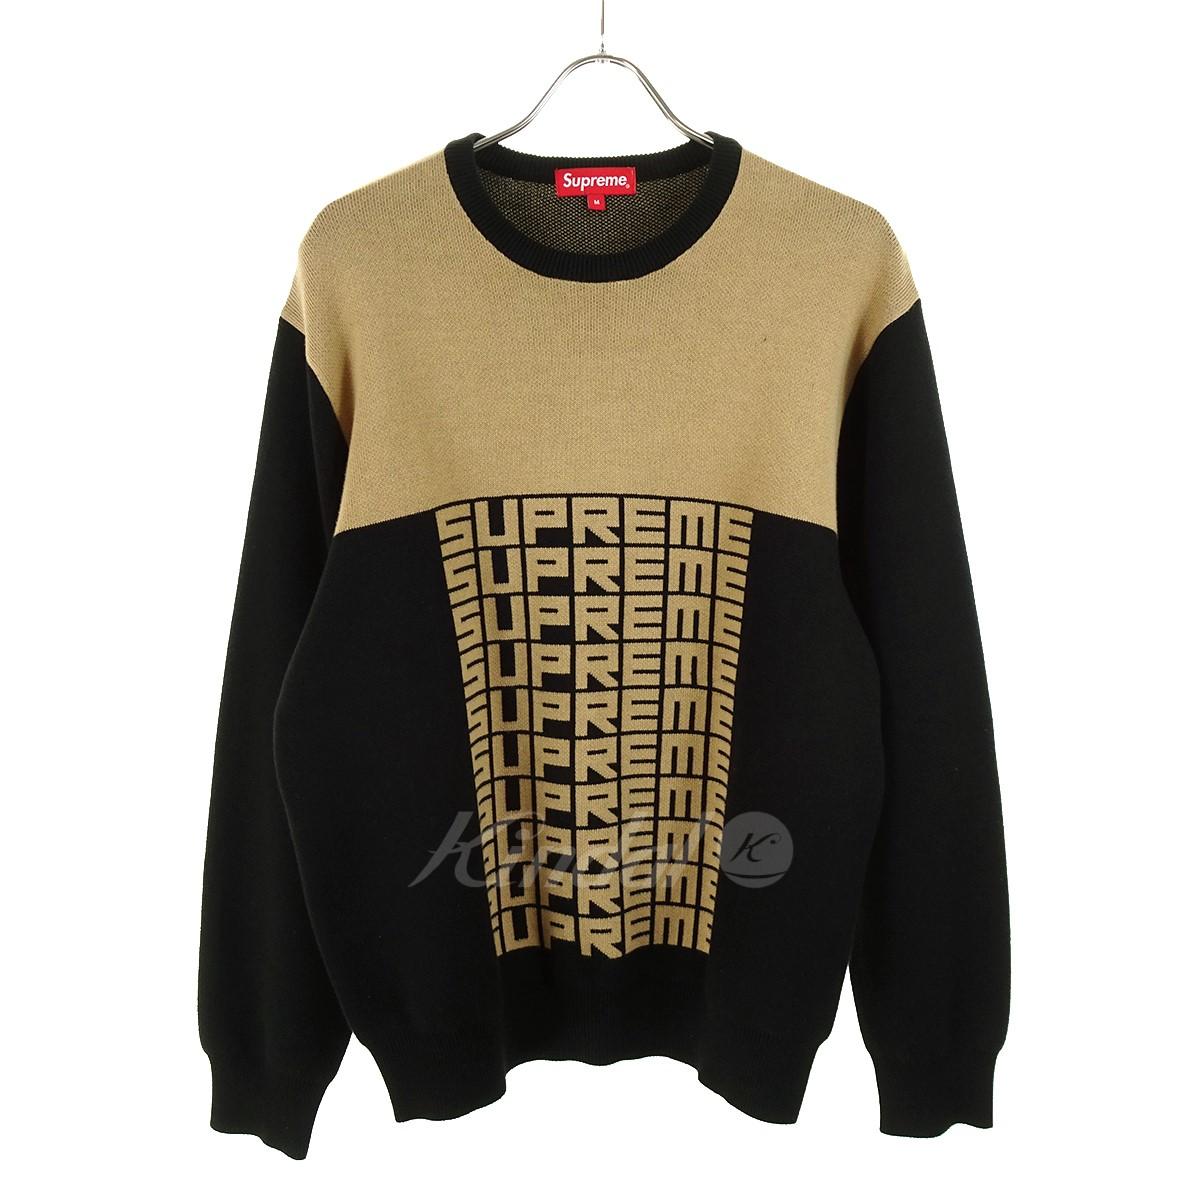 【中古】SUPREME Logo Repeat Sweater 18AW ブラック×ブラウン サイズ:M 【280319】(シュプリーム)